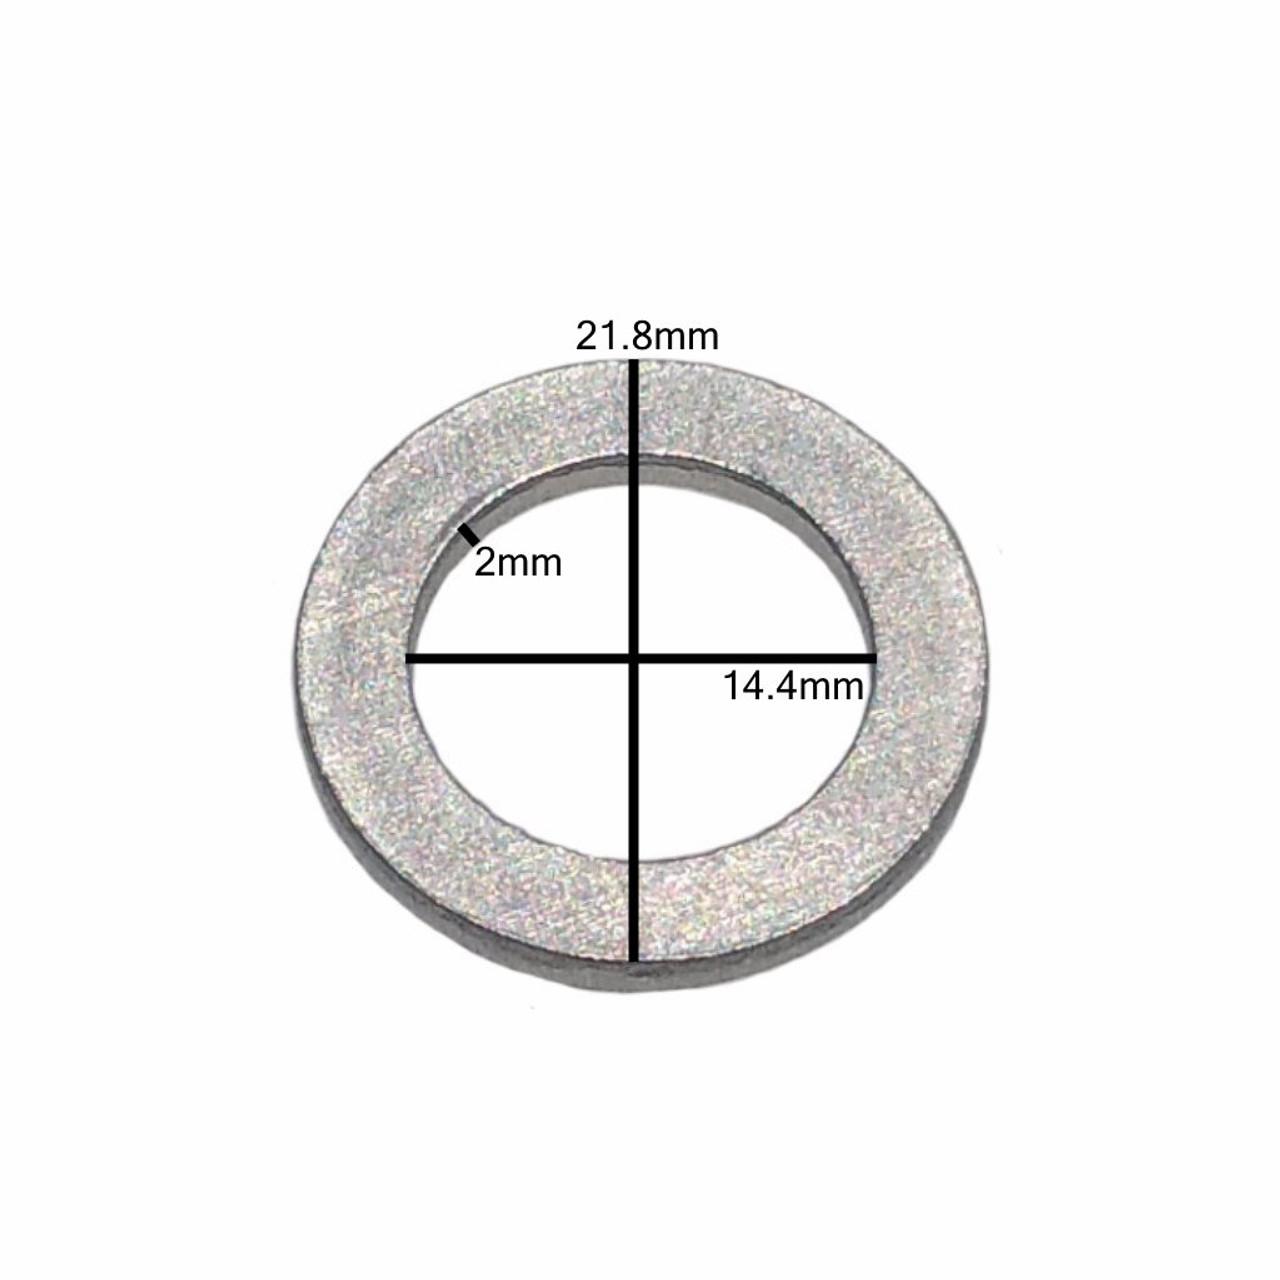 Measurements on M14 Honda Style Aluminum Drain Plug Gasket